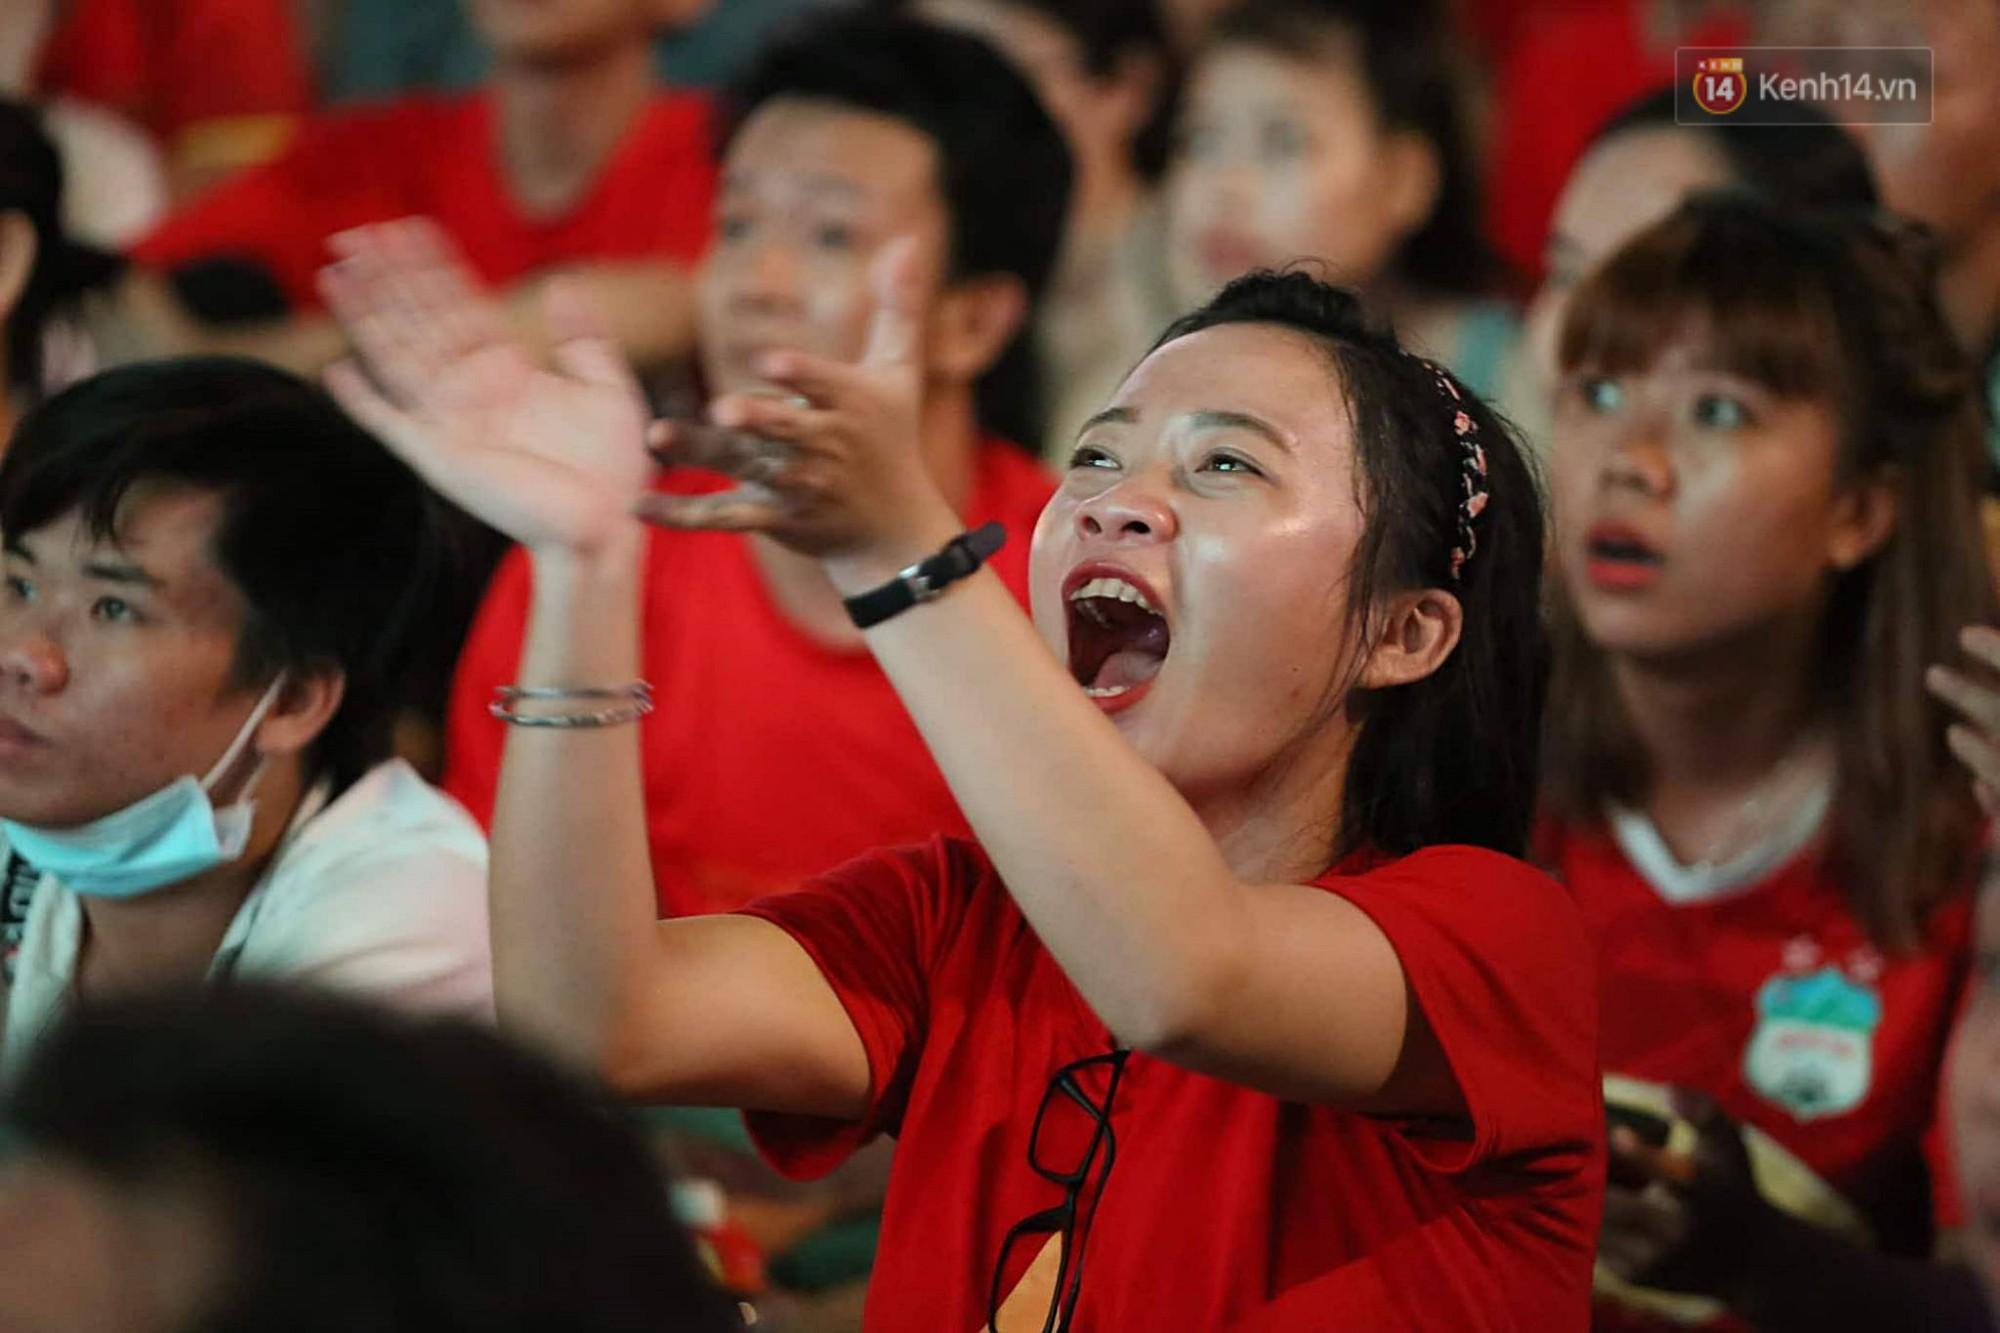 Nhìn lại chuỗi cảm xúc biến động của CĐV Việt Nam trong trận thắng ngộp thở 1-0 trước Thái Lan - Ảnh 6.